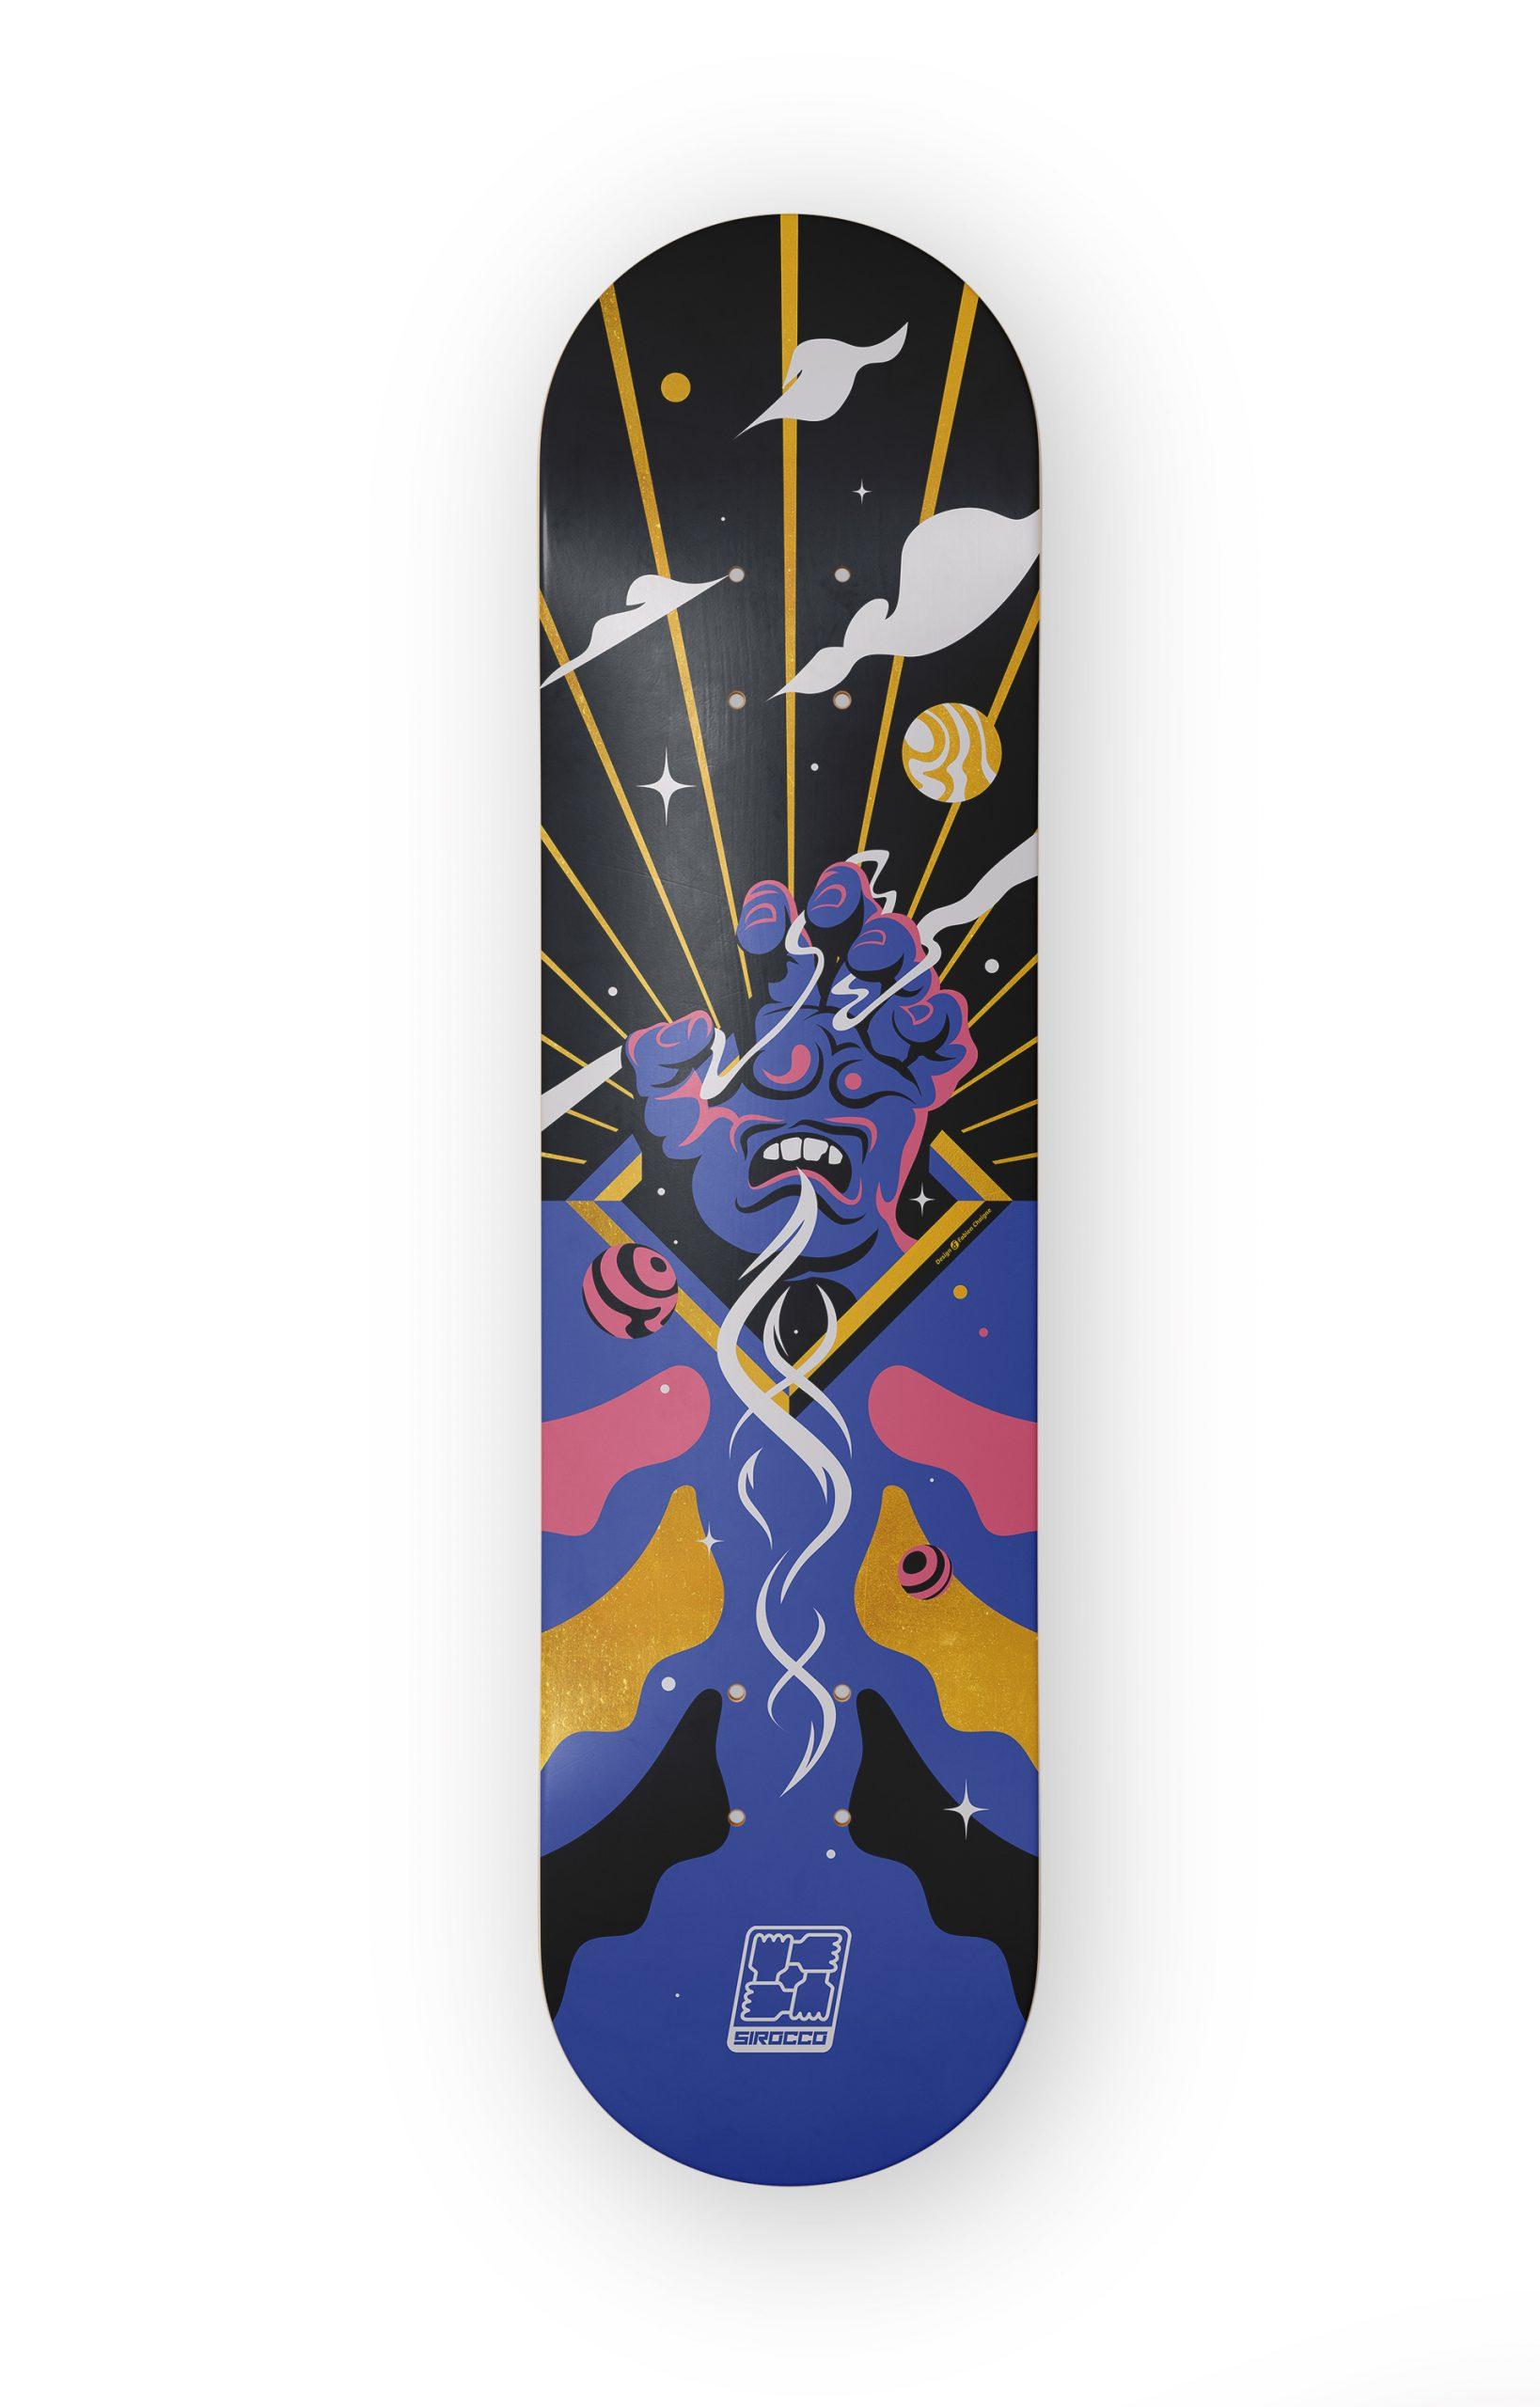 """Screaming Hand Cover : planche de skate composé d'une illustration remixant la """" Screaming Hand """" de Jim Phillips."""